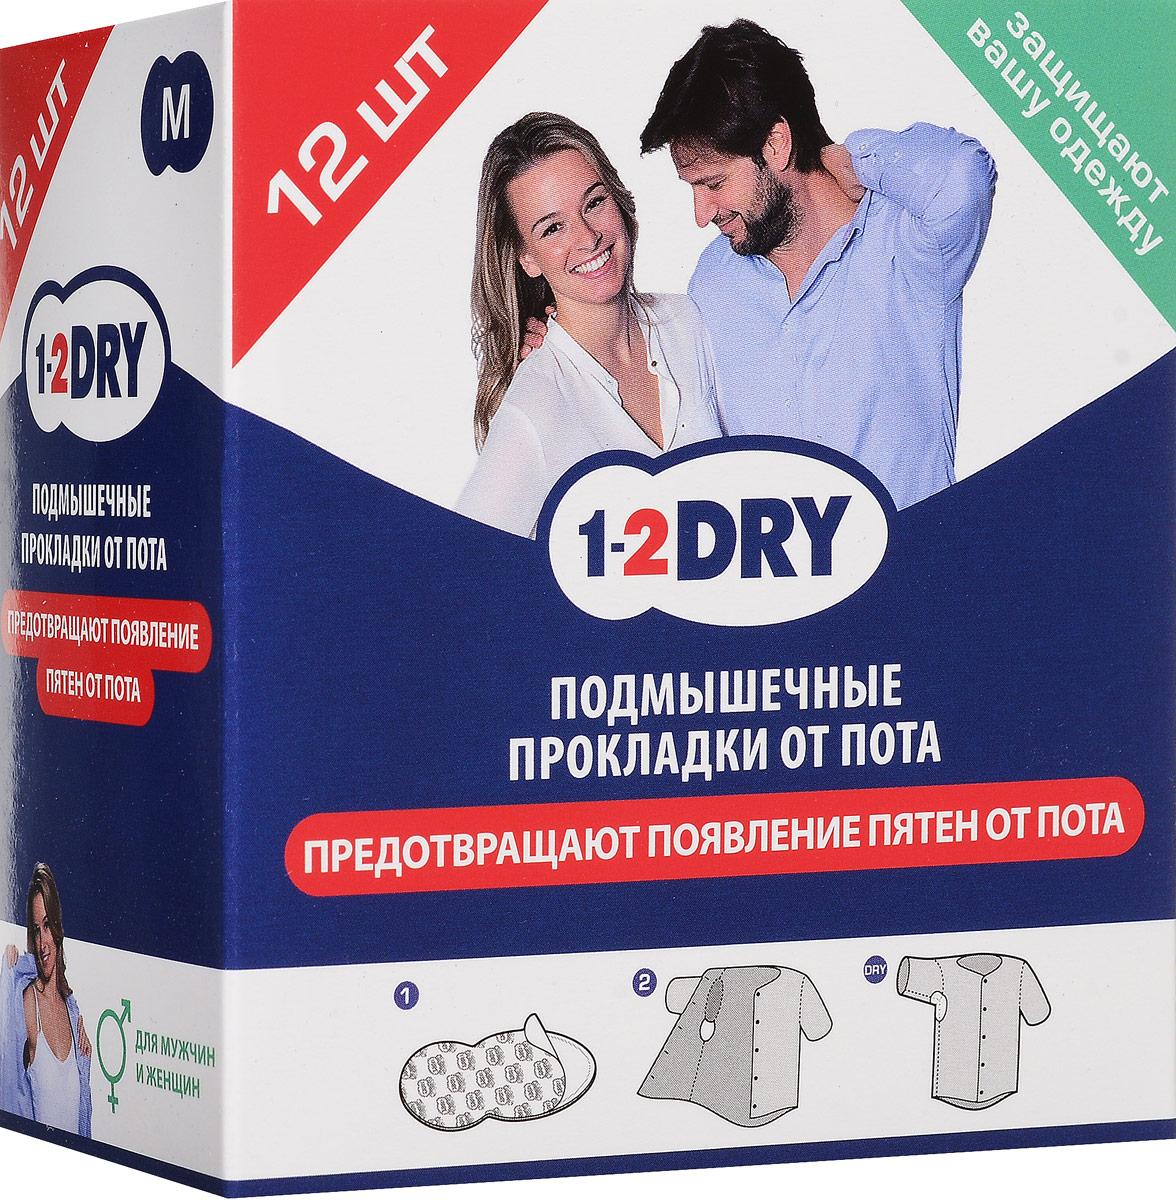 Прокладки для подмышек от пота1-2DRY №12 средние белого цветаAL-83732002